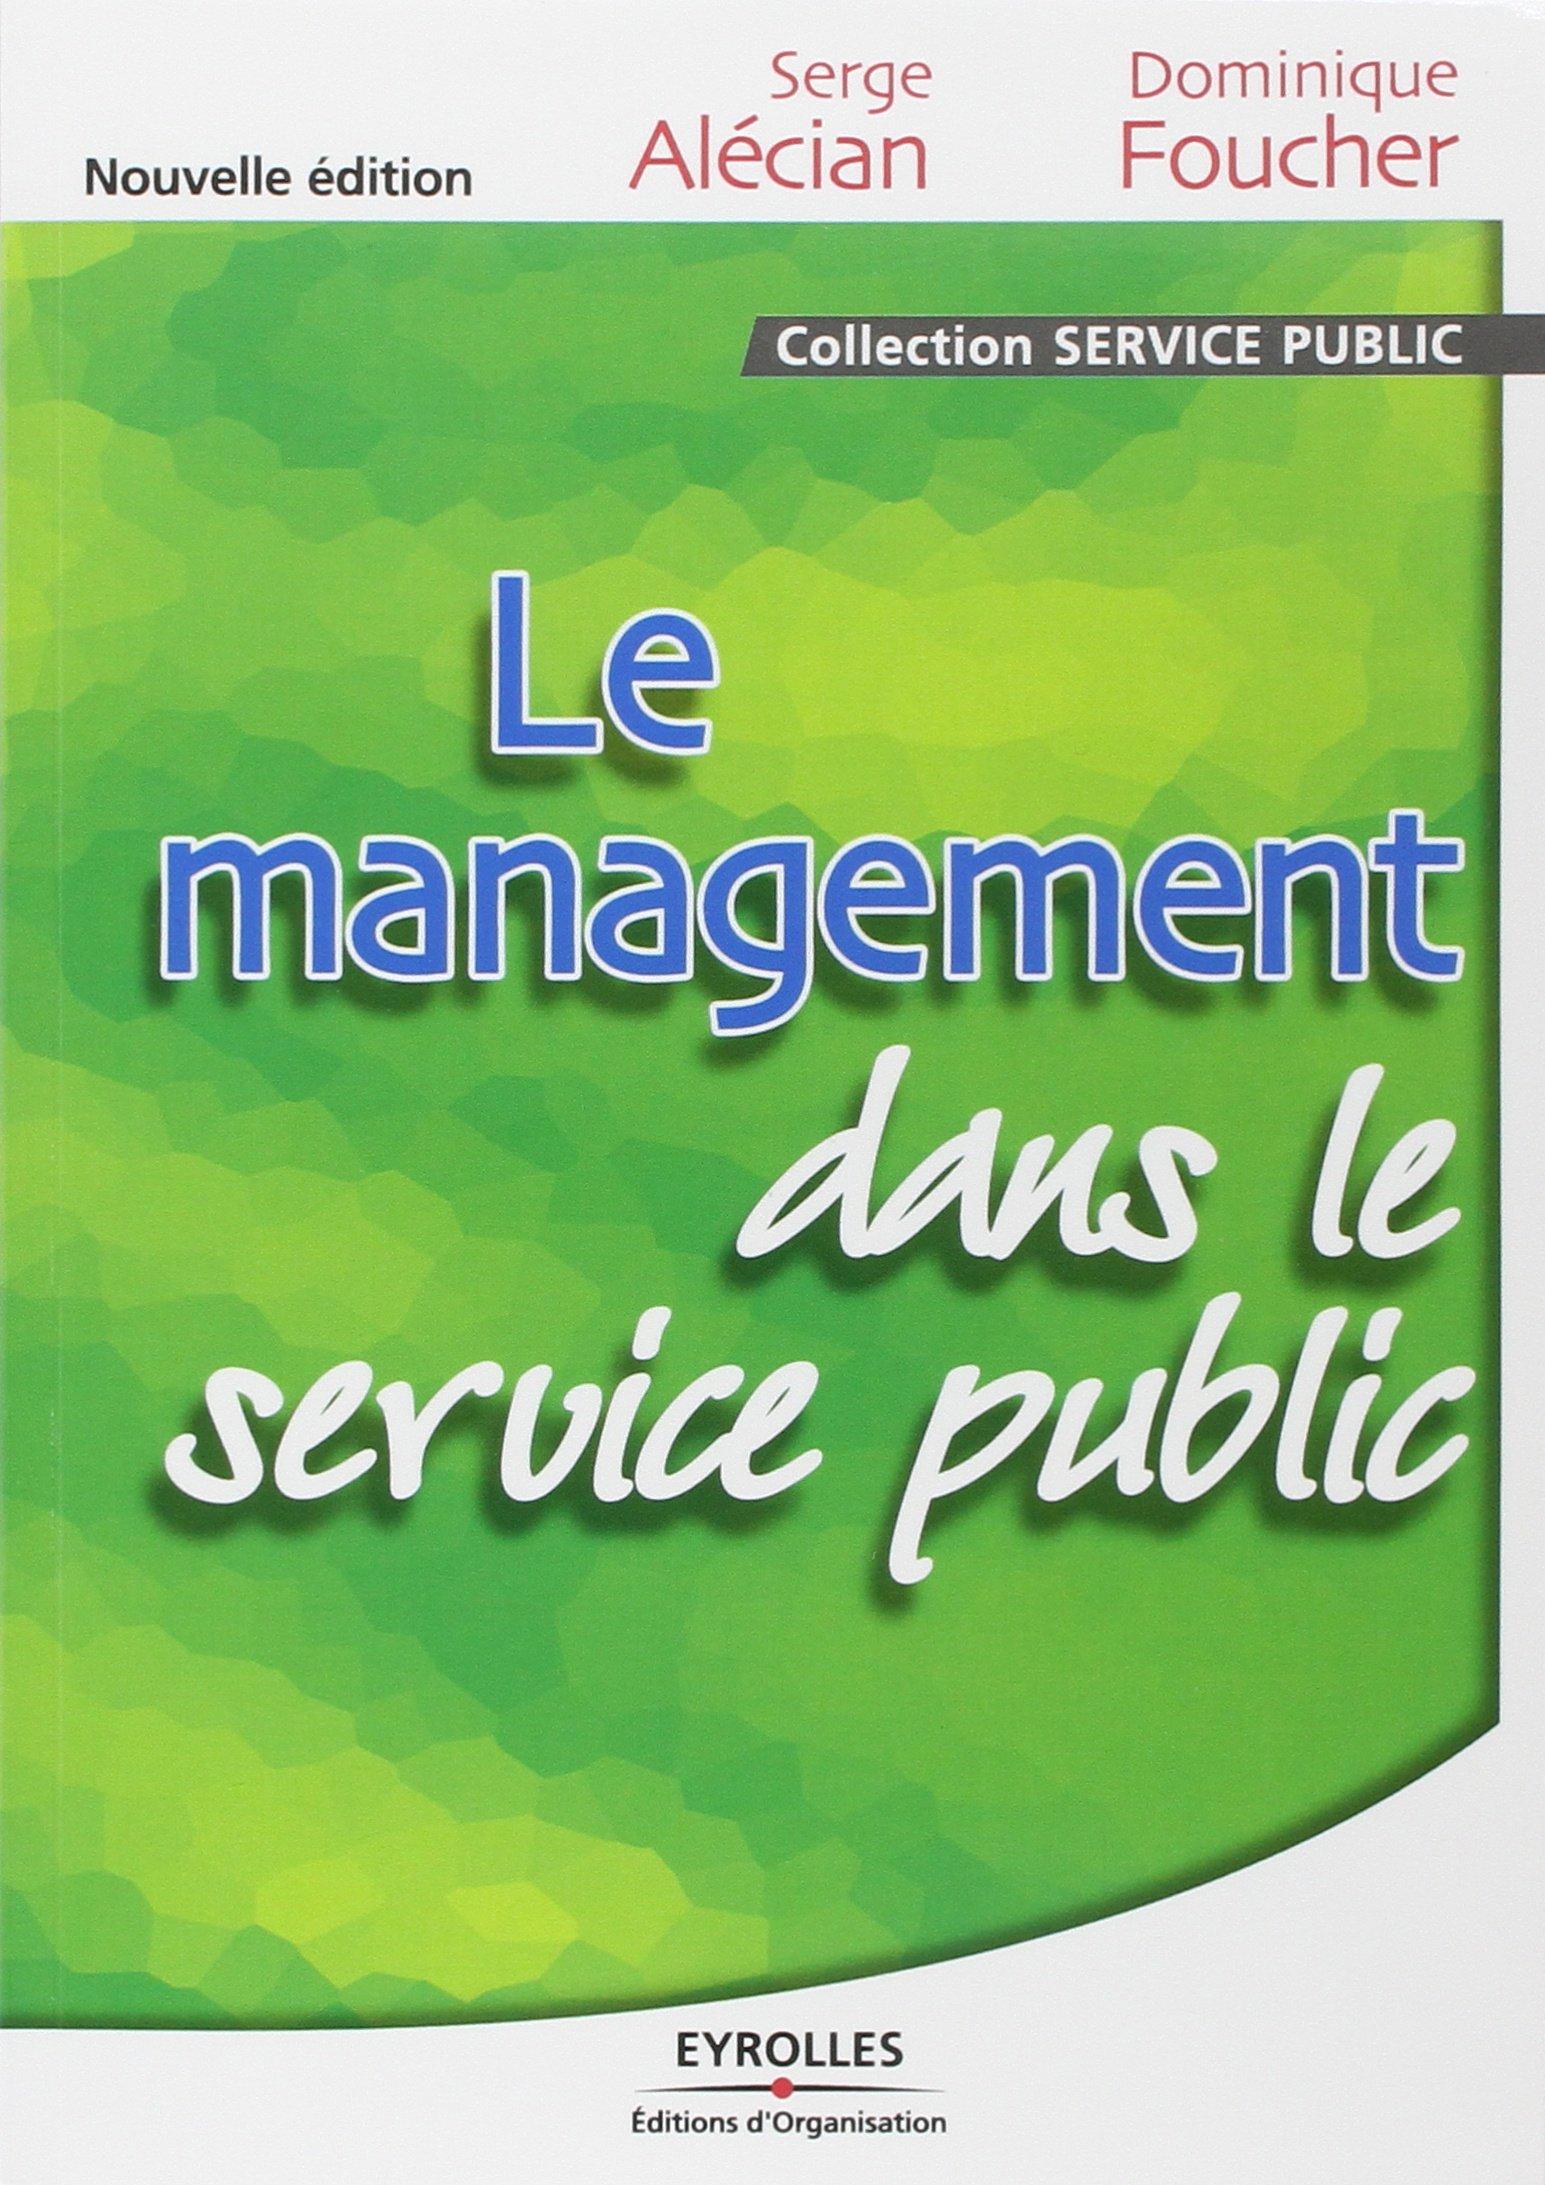 Le Management dans le service public, 2nd Edition (Collection Service Public):  Serge Alécian, Dominique Foucher: 9782708127197: Amazon.com: Books